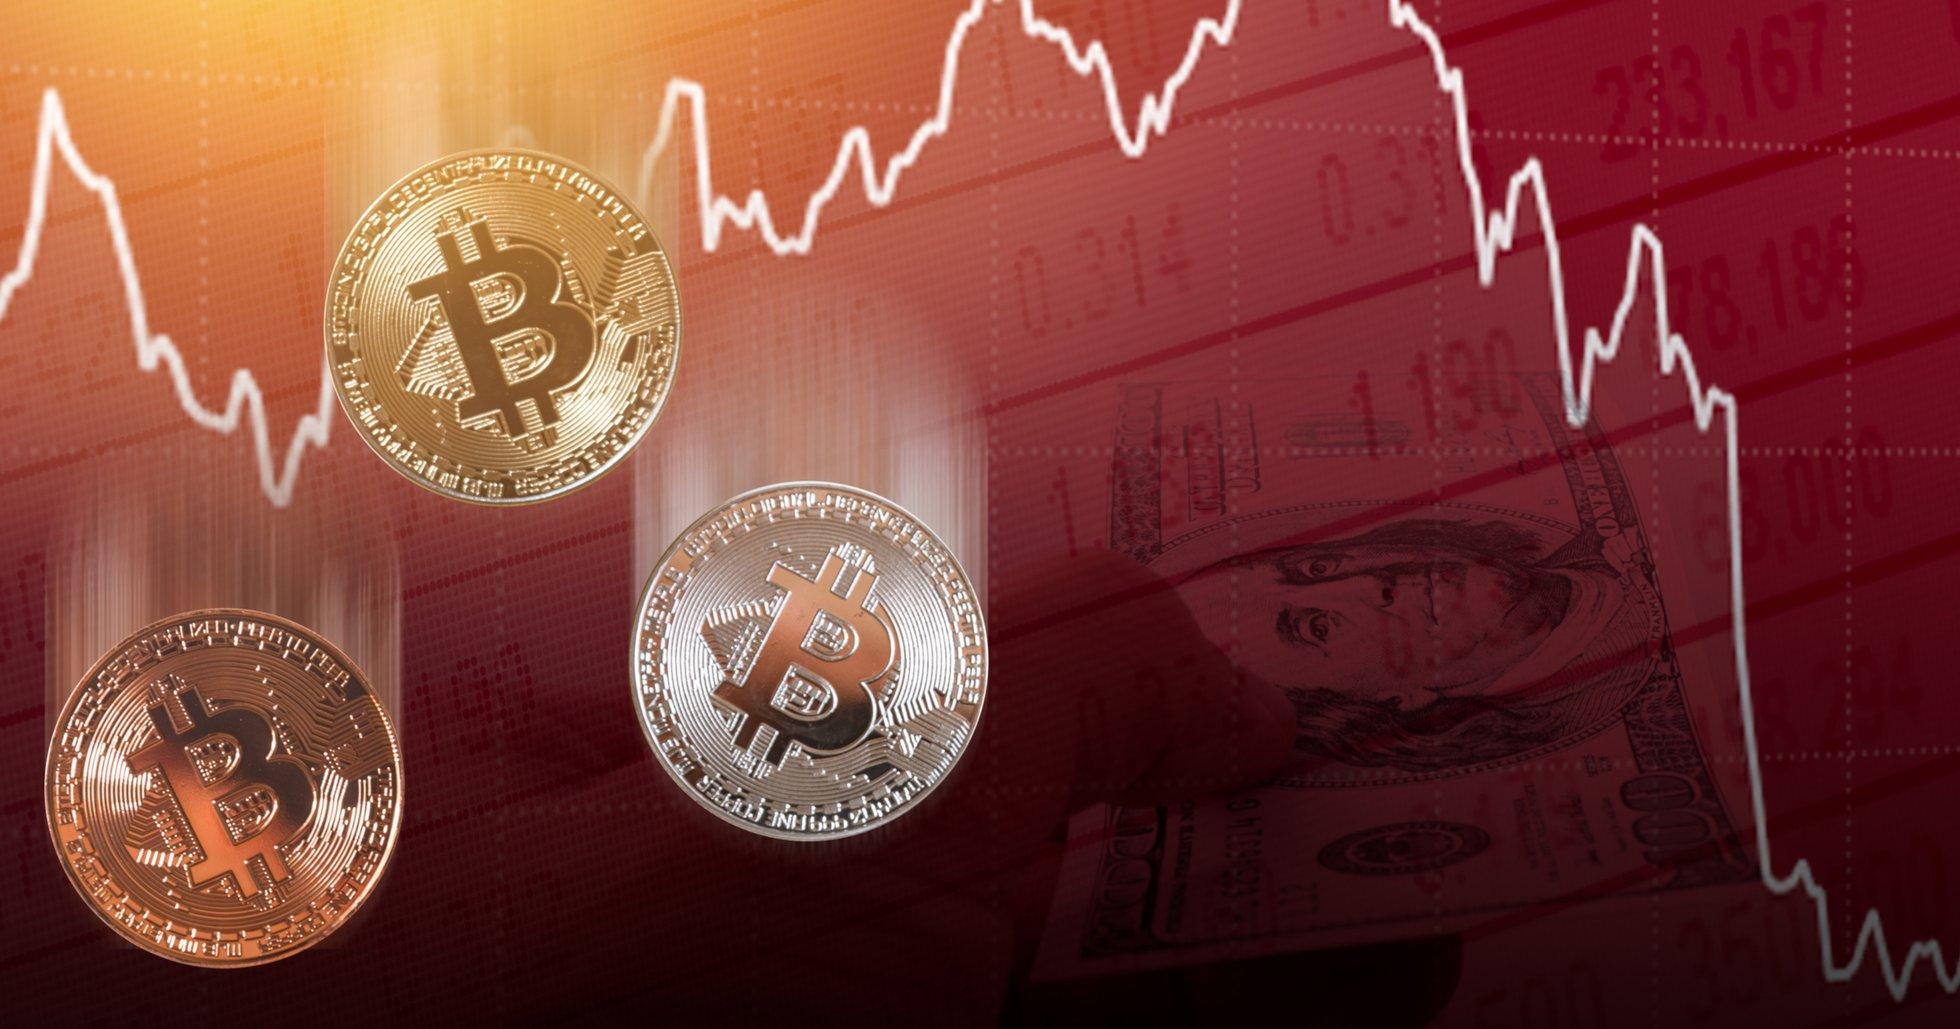 Bitcoinpriset lyckades inte nå 11 000 dollar – föll i stället 600 dollar på en kvart.